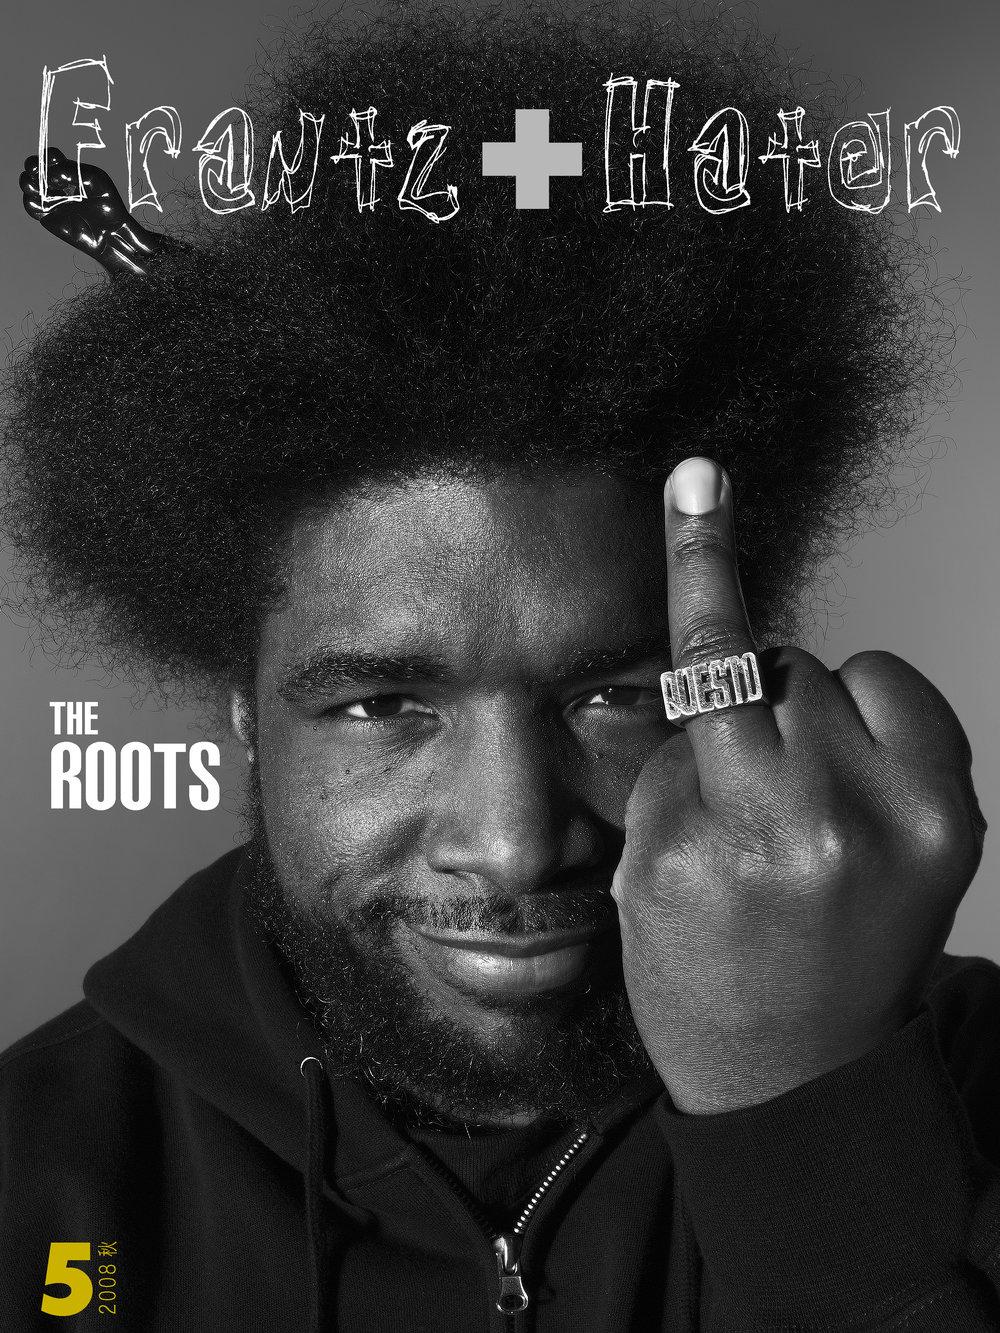 The Roots _Chago & Brian Photographers_ Rebecca Pietri Stylist_Rebecca Pietri Art Director_ Questlove_Cover.jpg